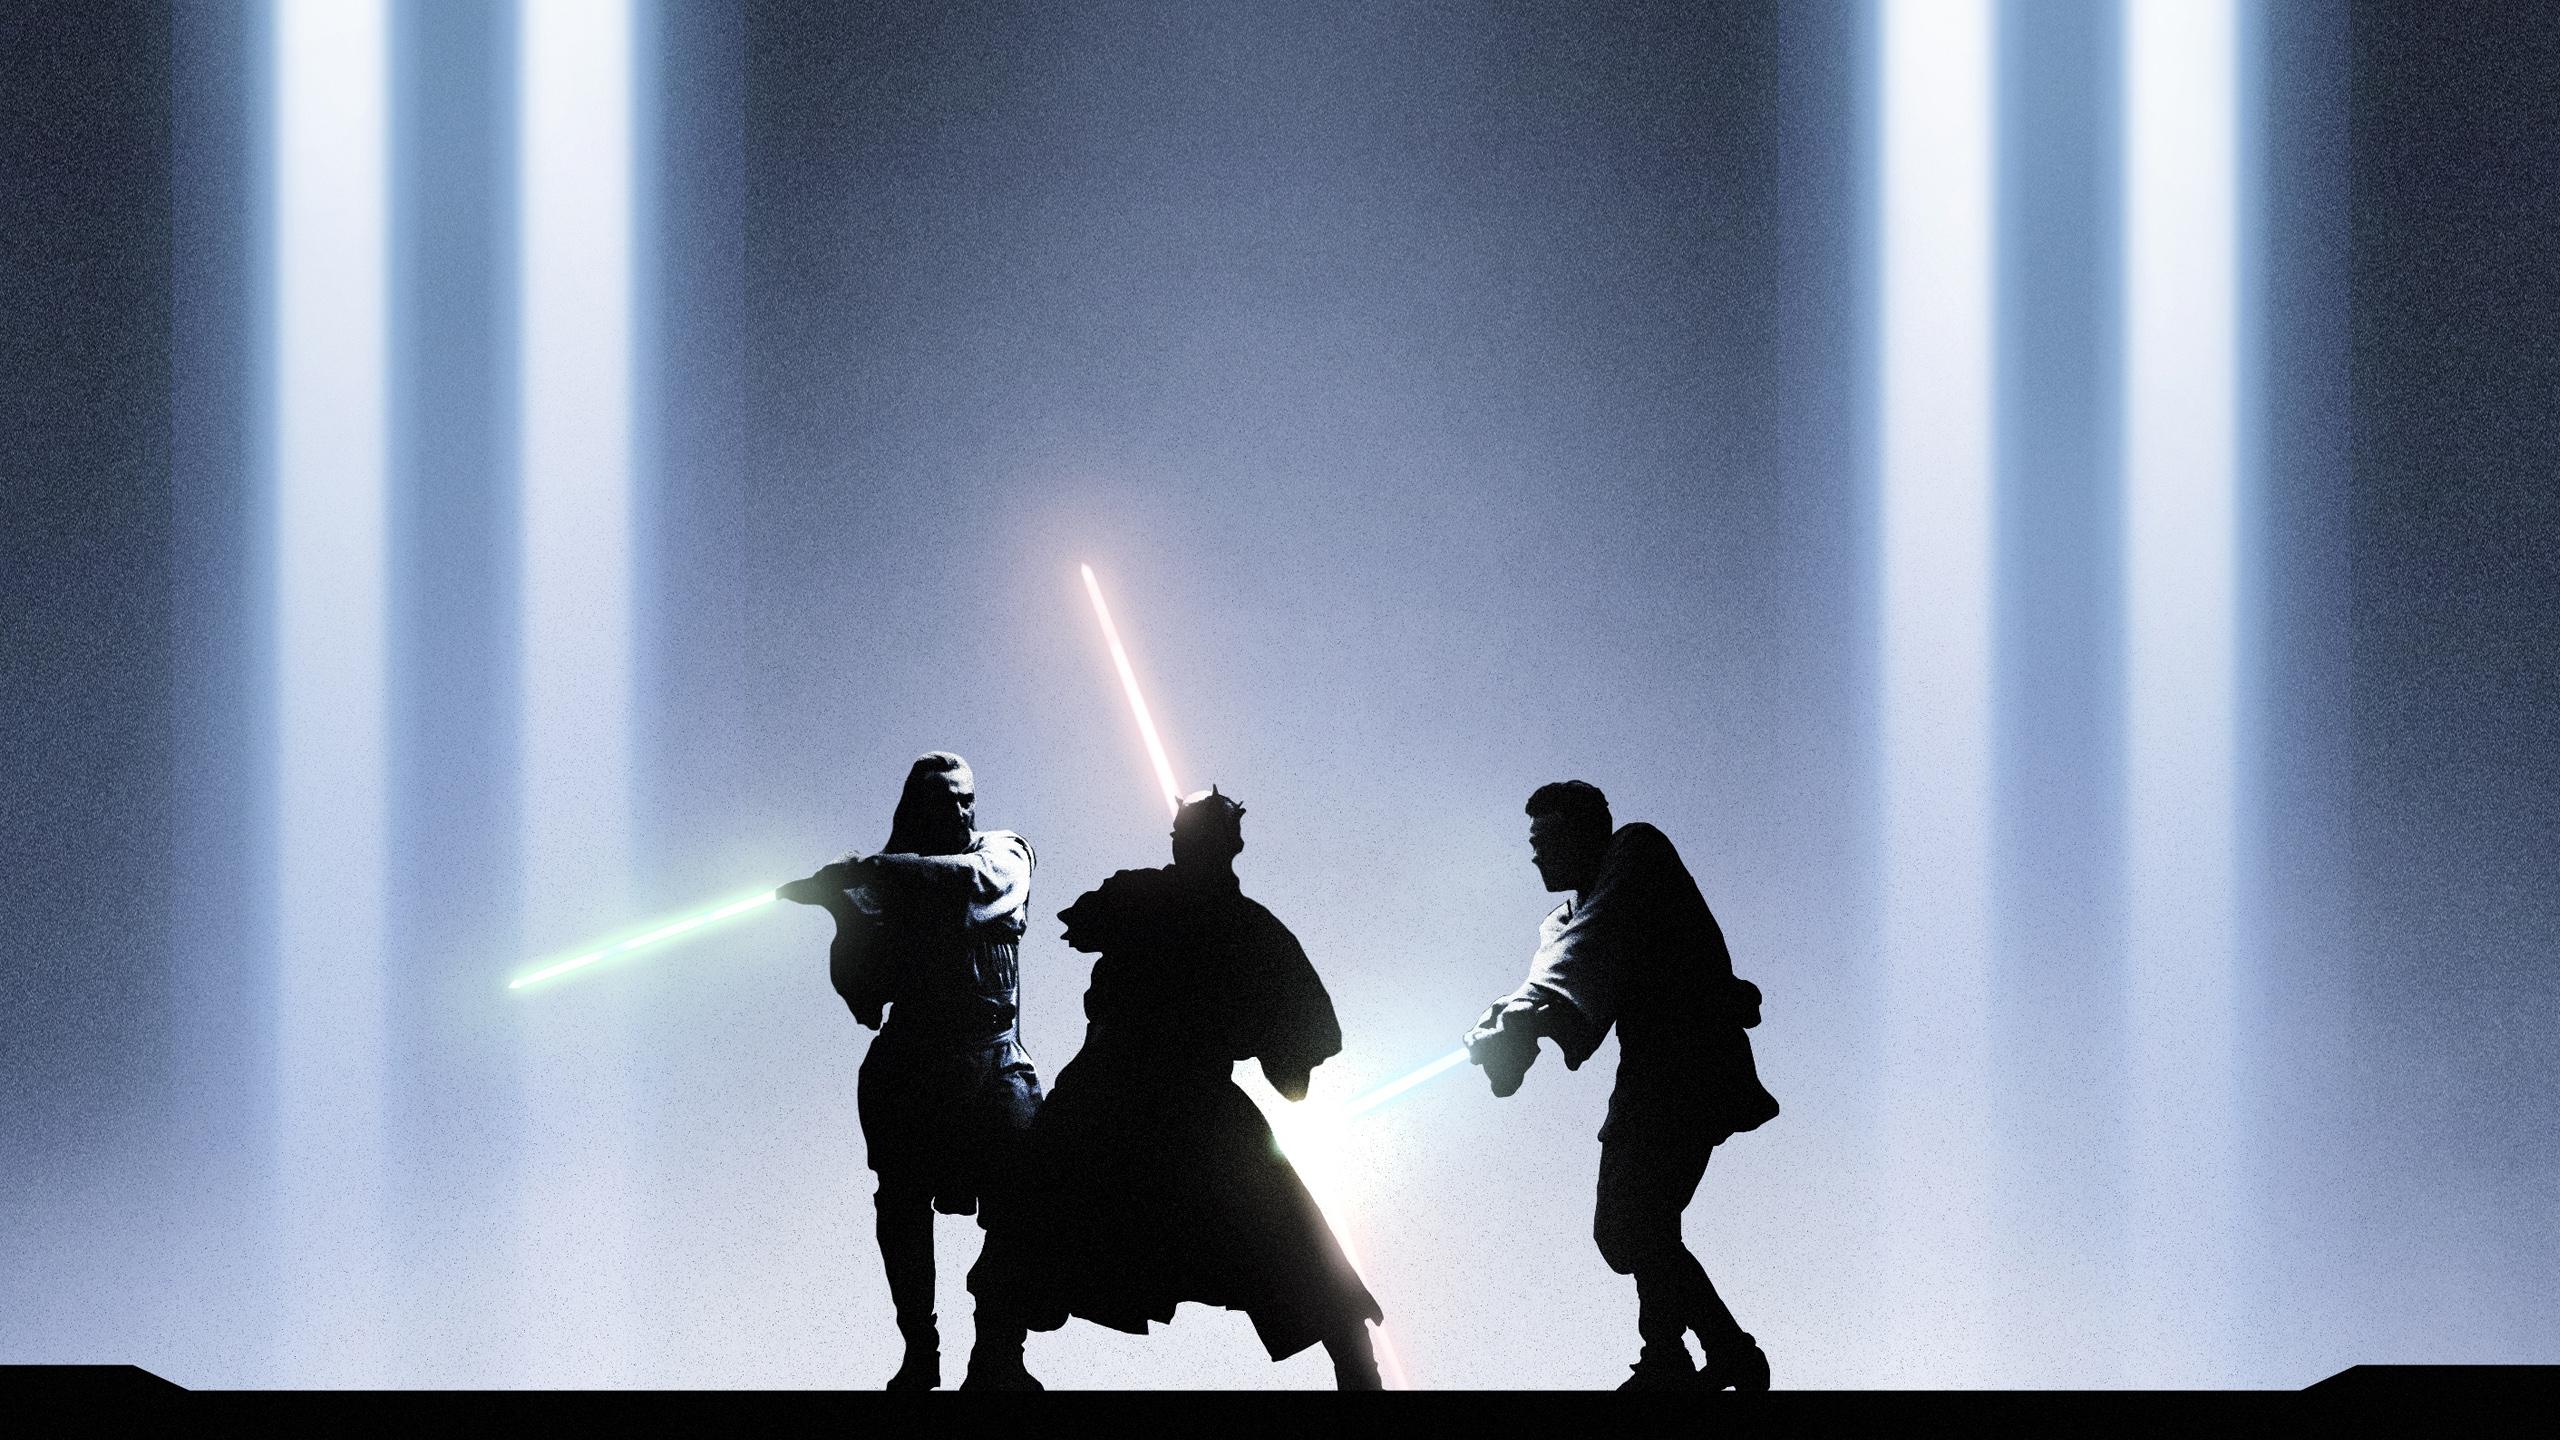 Star Wars Obi Wan Qui Gon Darth Maul Hd Wallpaper